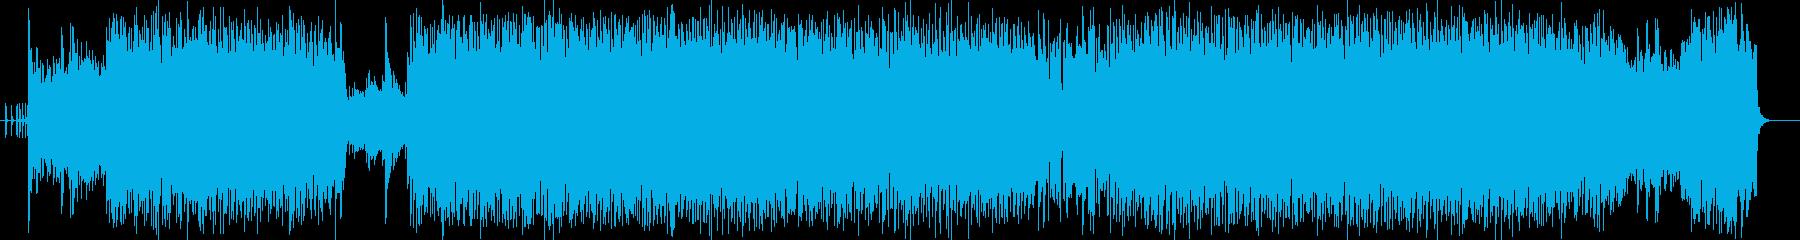 疾走感と激しいドラムギターサウンドの再生済みの波形